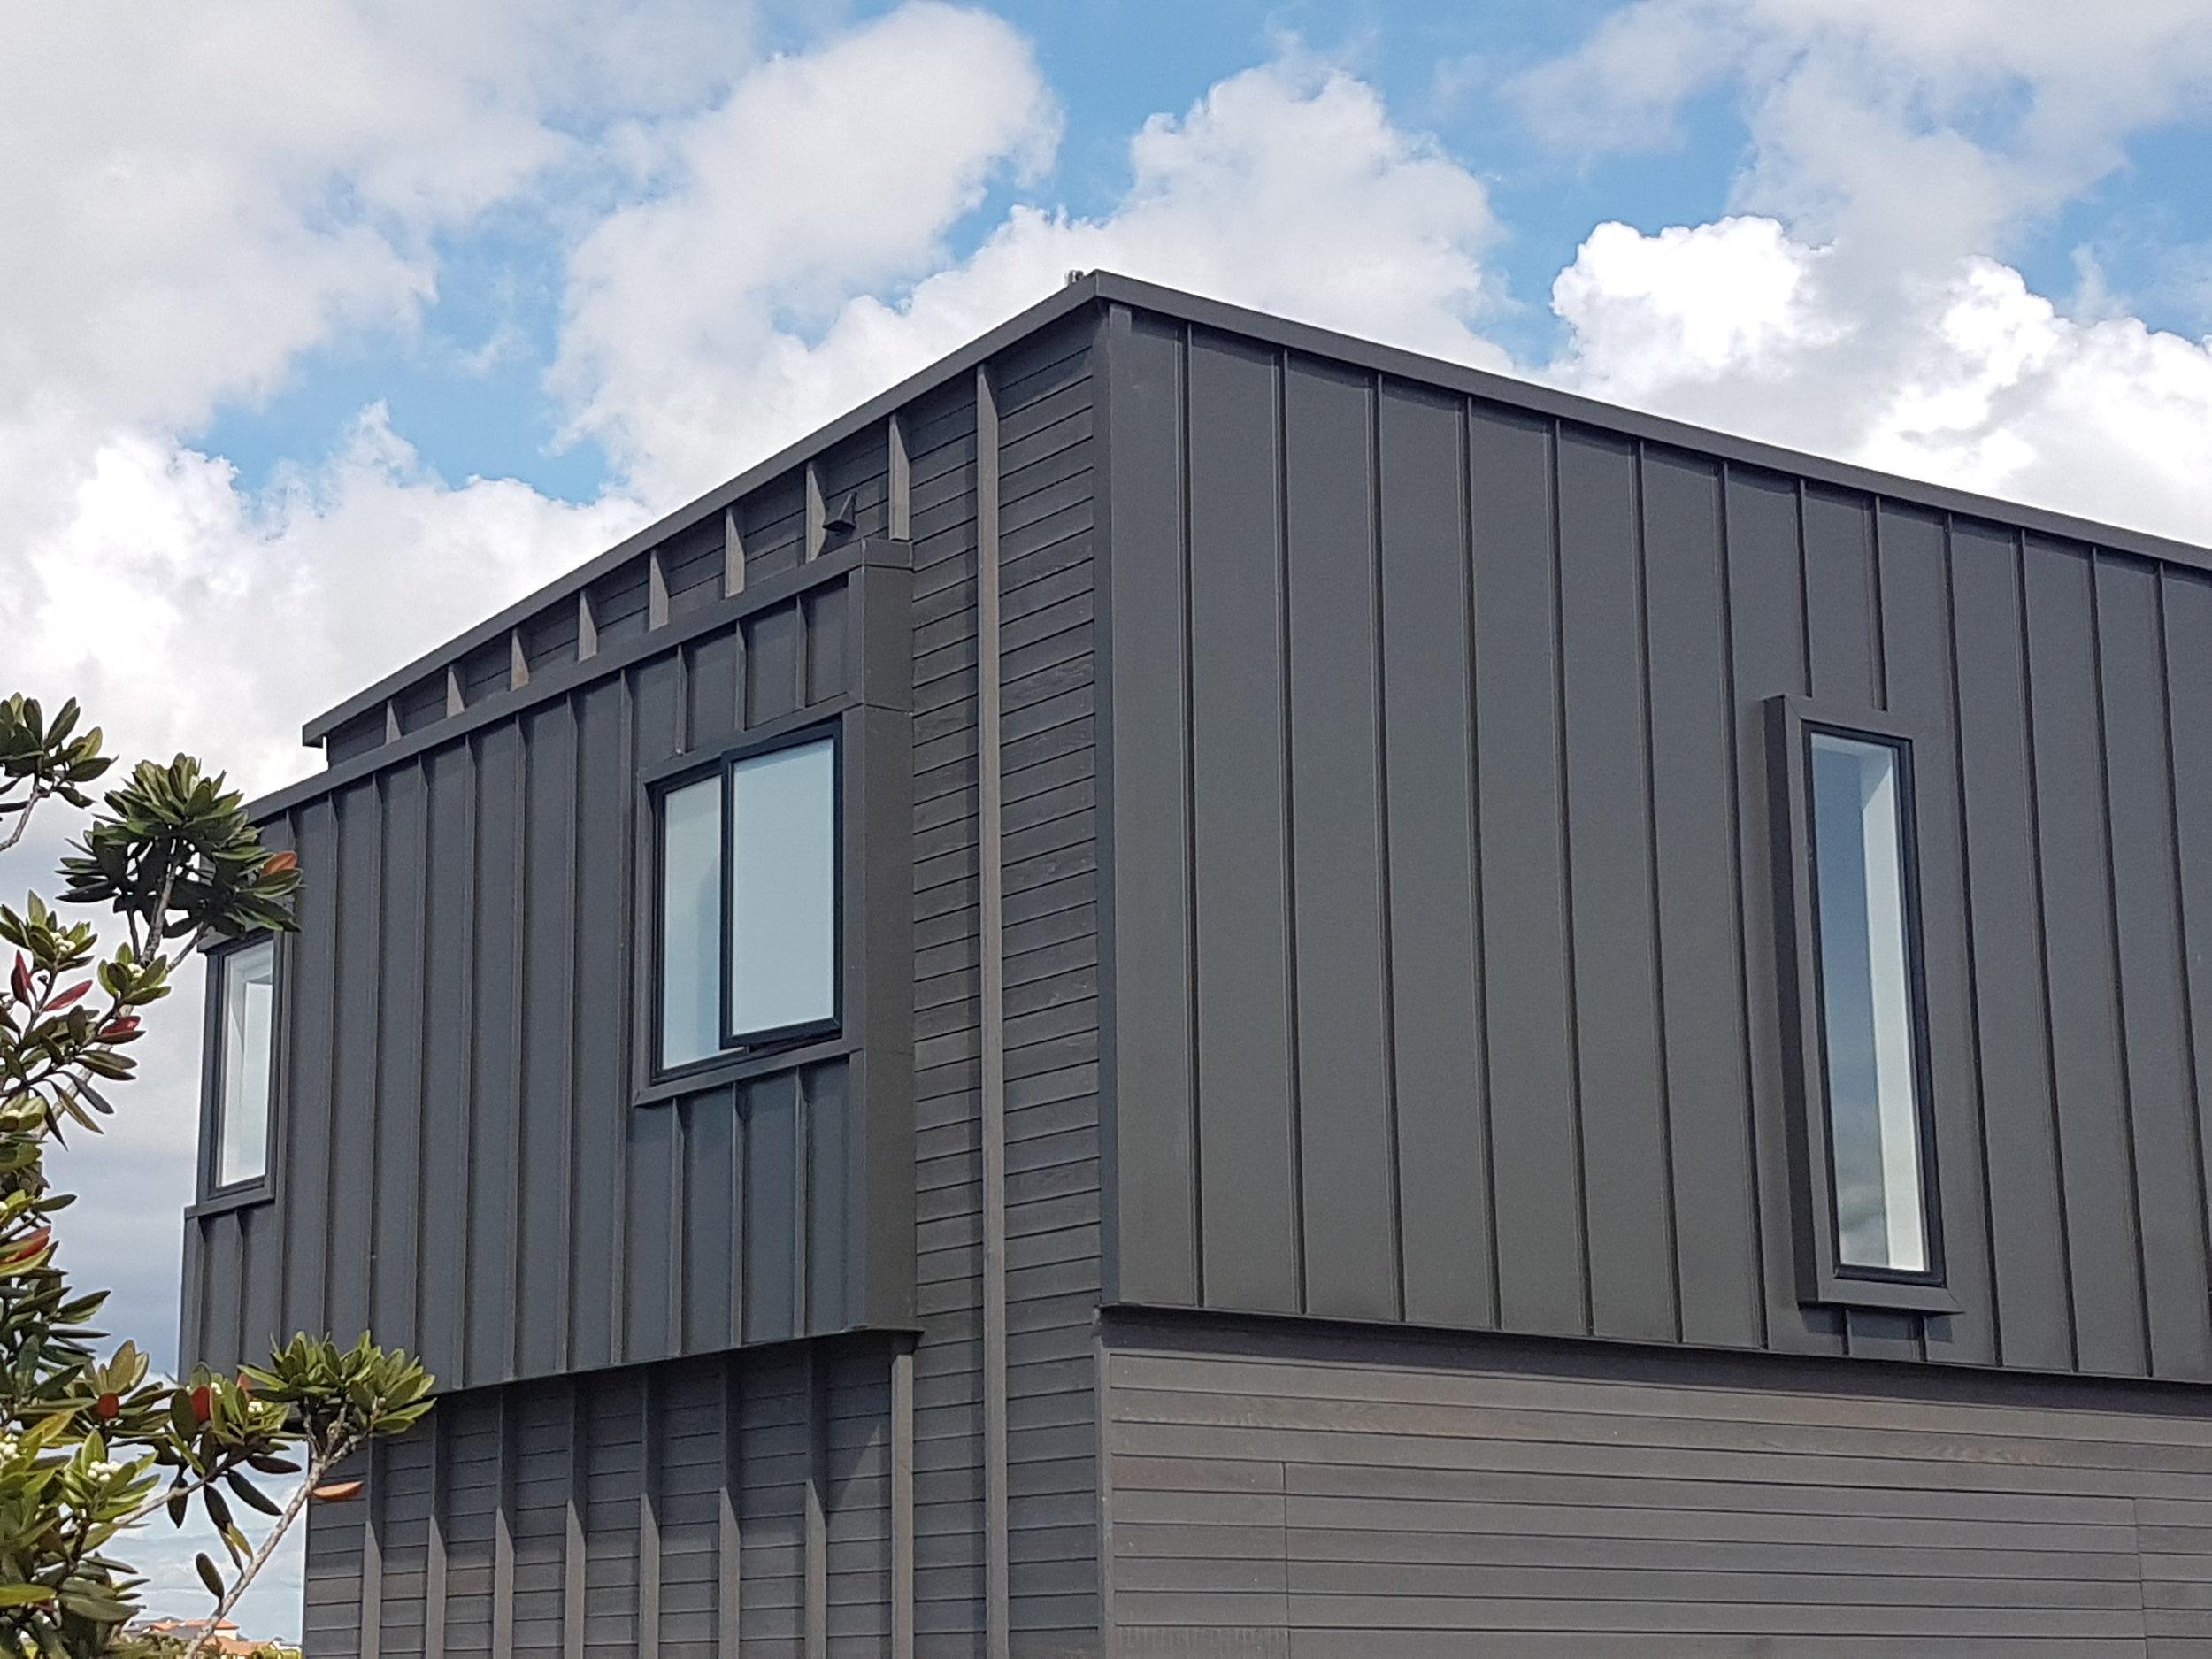 The-Roofing-Store-Steel-Metal-Super-Seam-Lux-Grey-Friars-2.jpg.jpg